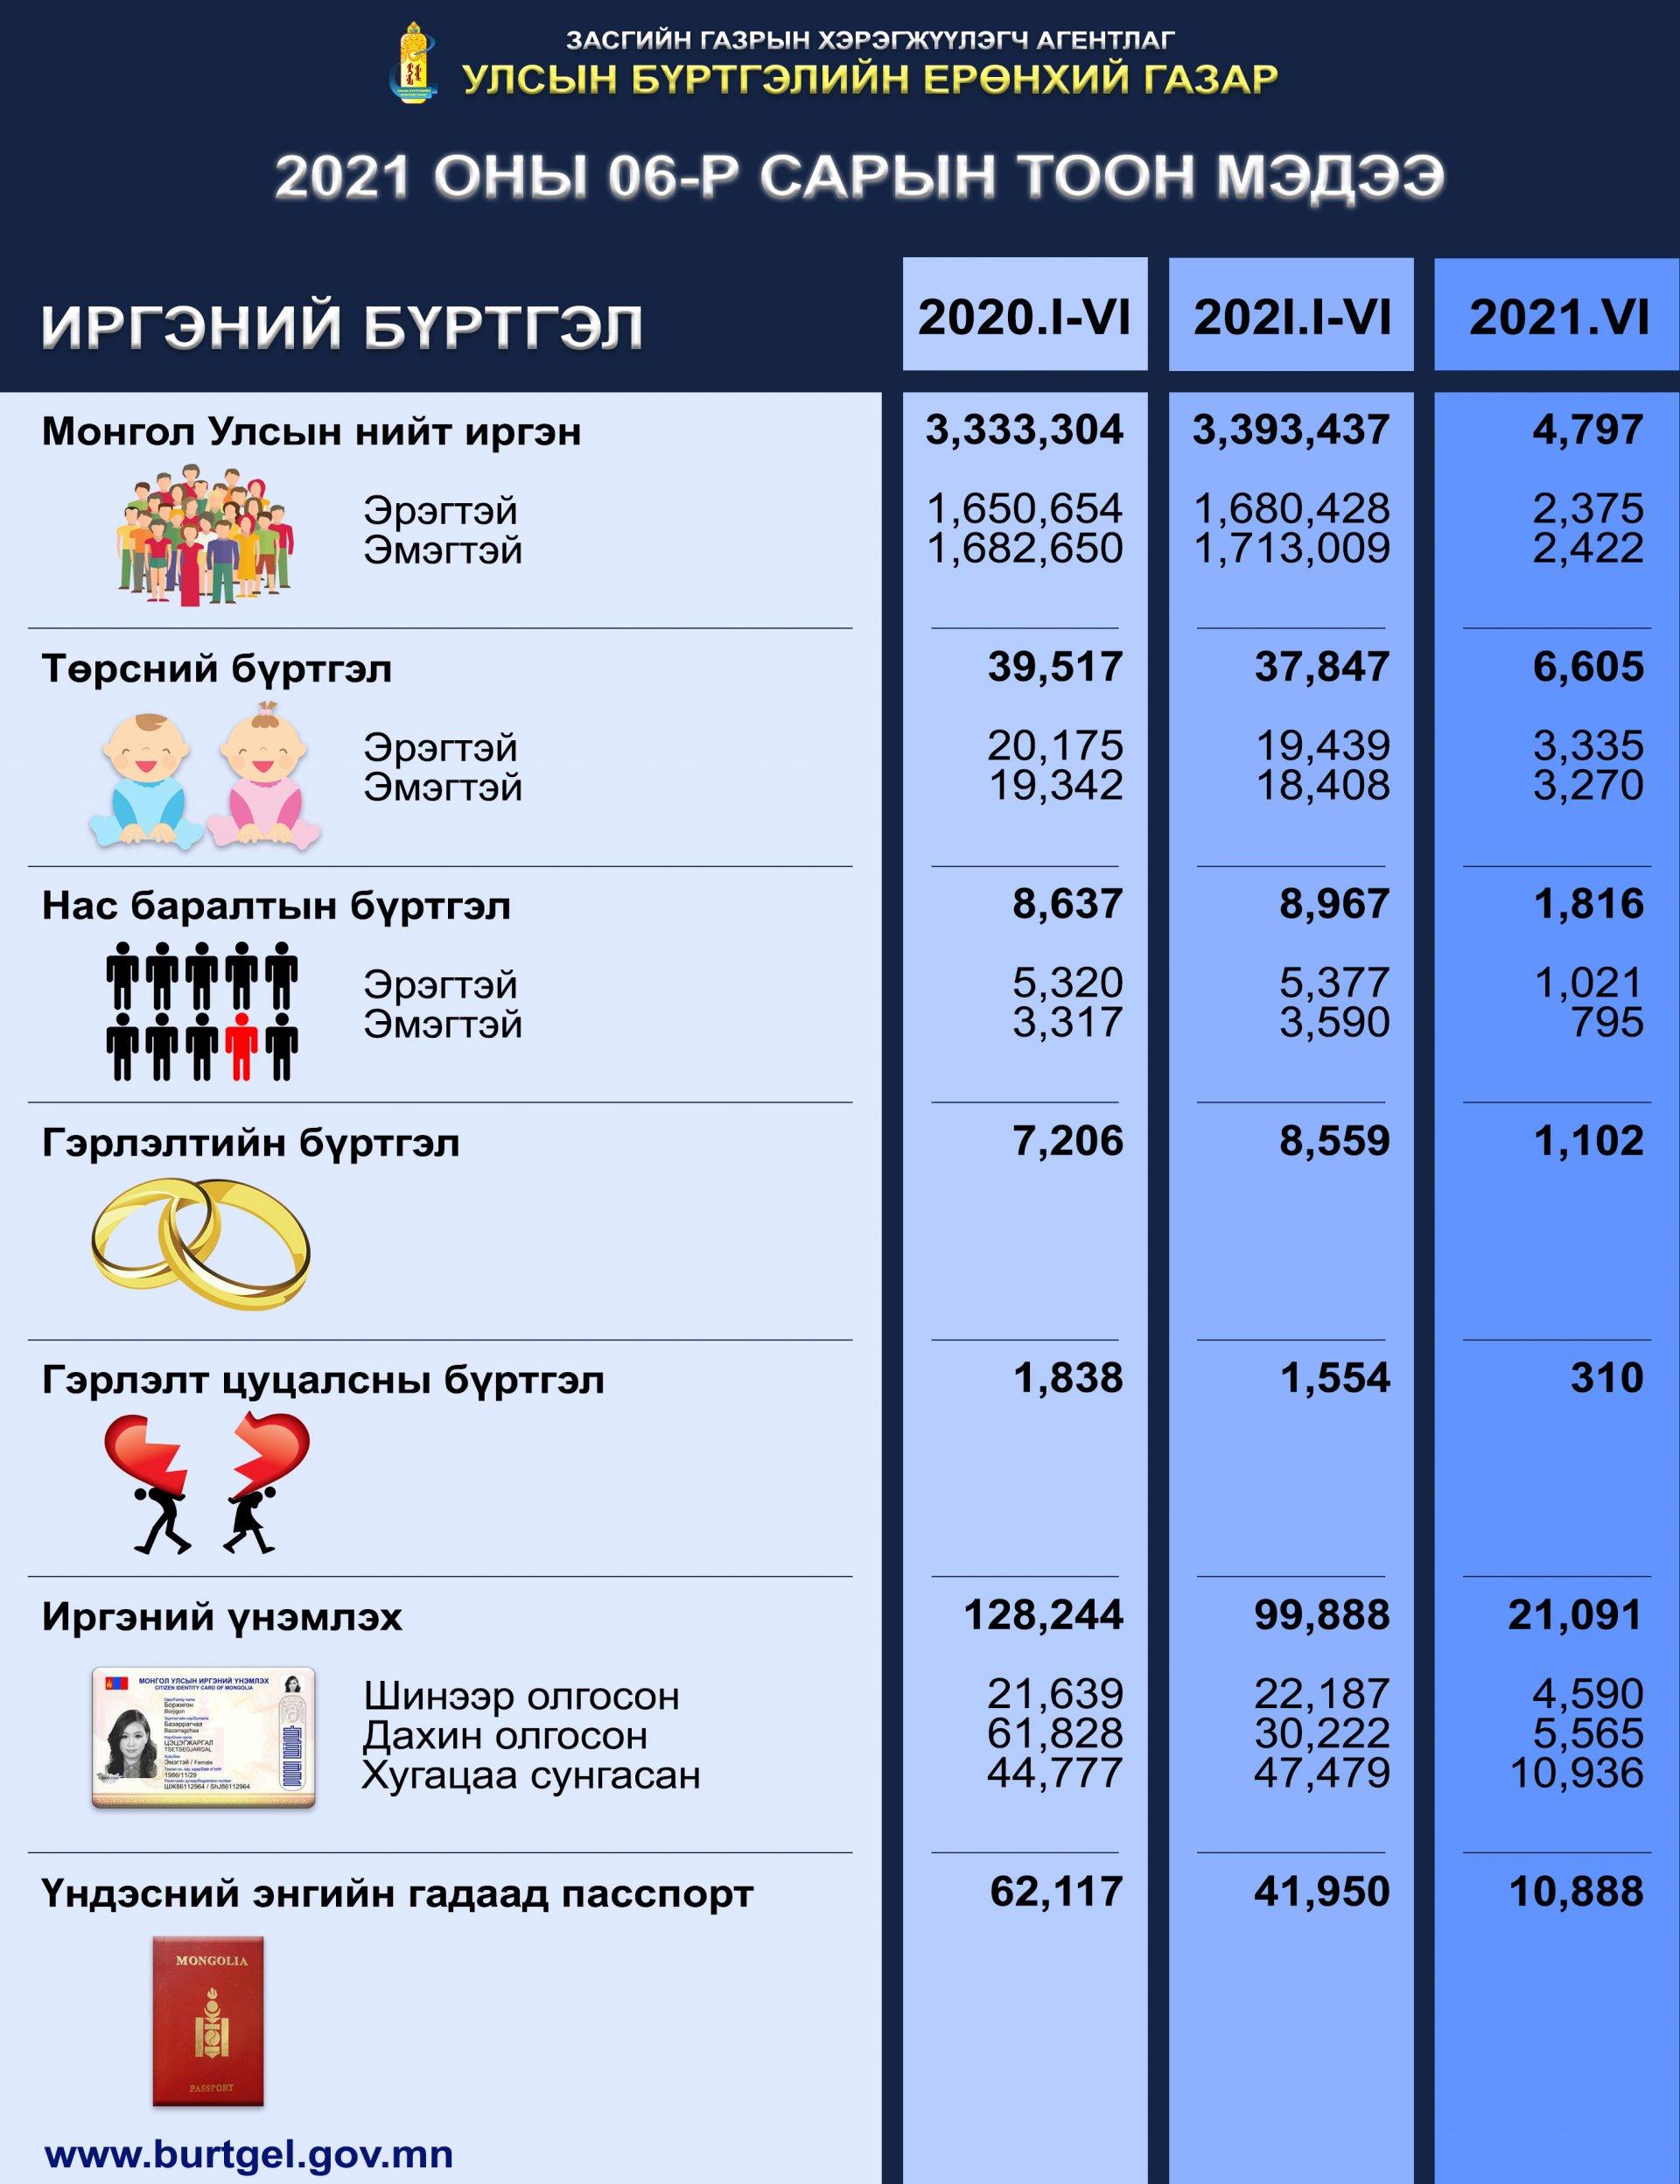 Улсын бүртгэлийн байгууллагын 06-р сарын тоон мэдээ